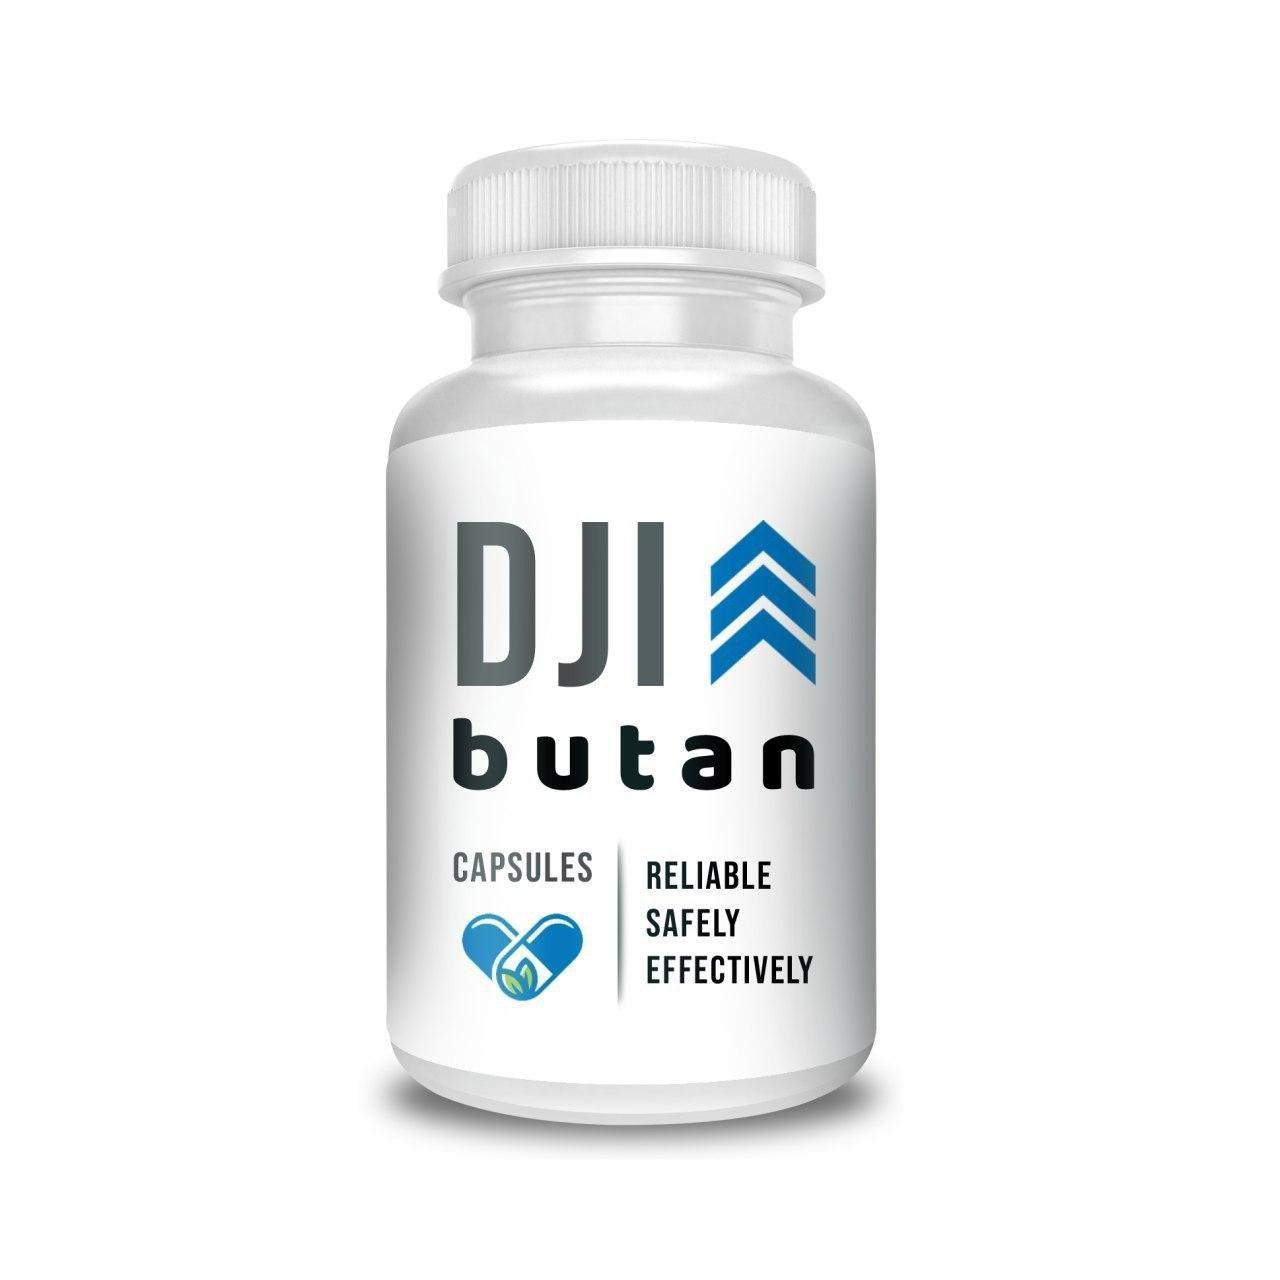 DJIbutan (Дджибутан) - капсулы для потенции